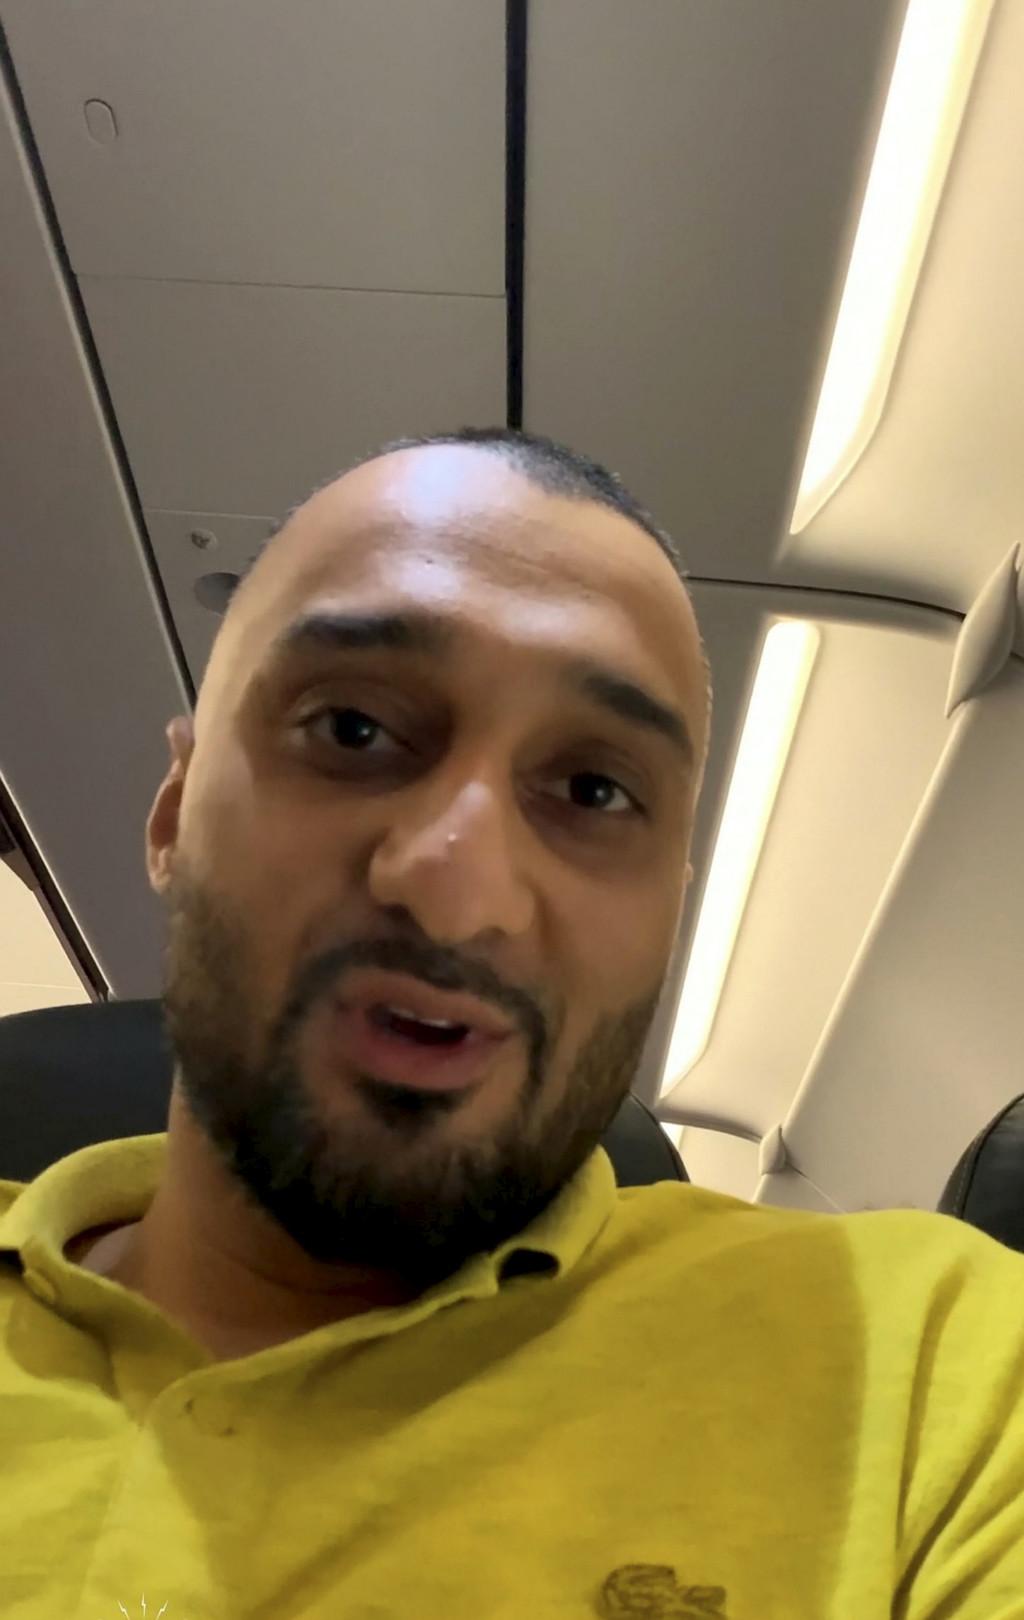 他在飛機上「做大事」不到10分鐘 空少直接破門看光光...他暴怒:便秘也有錯?